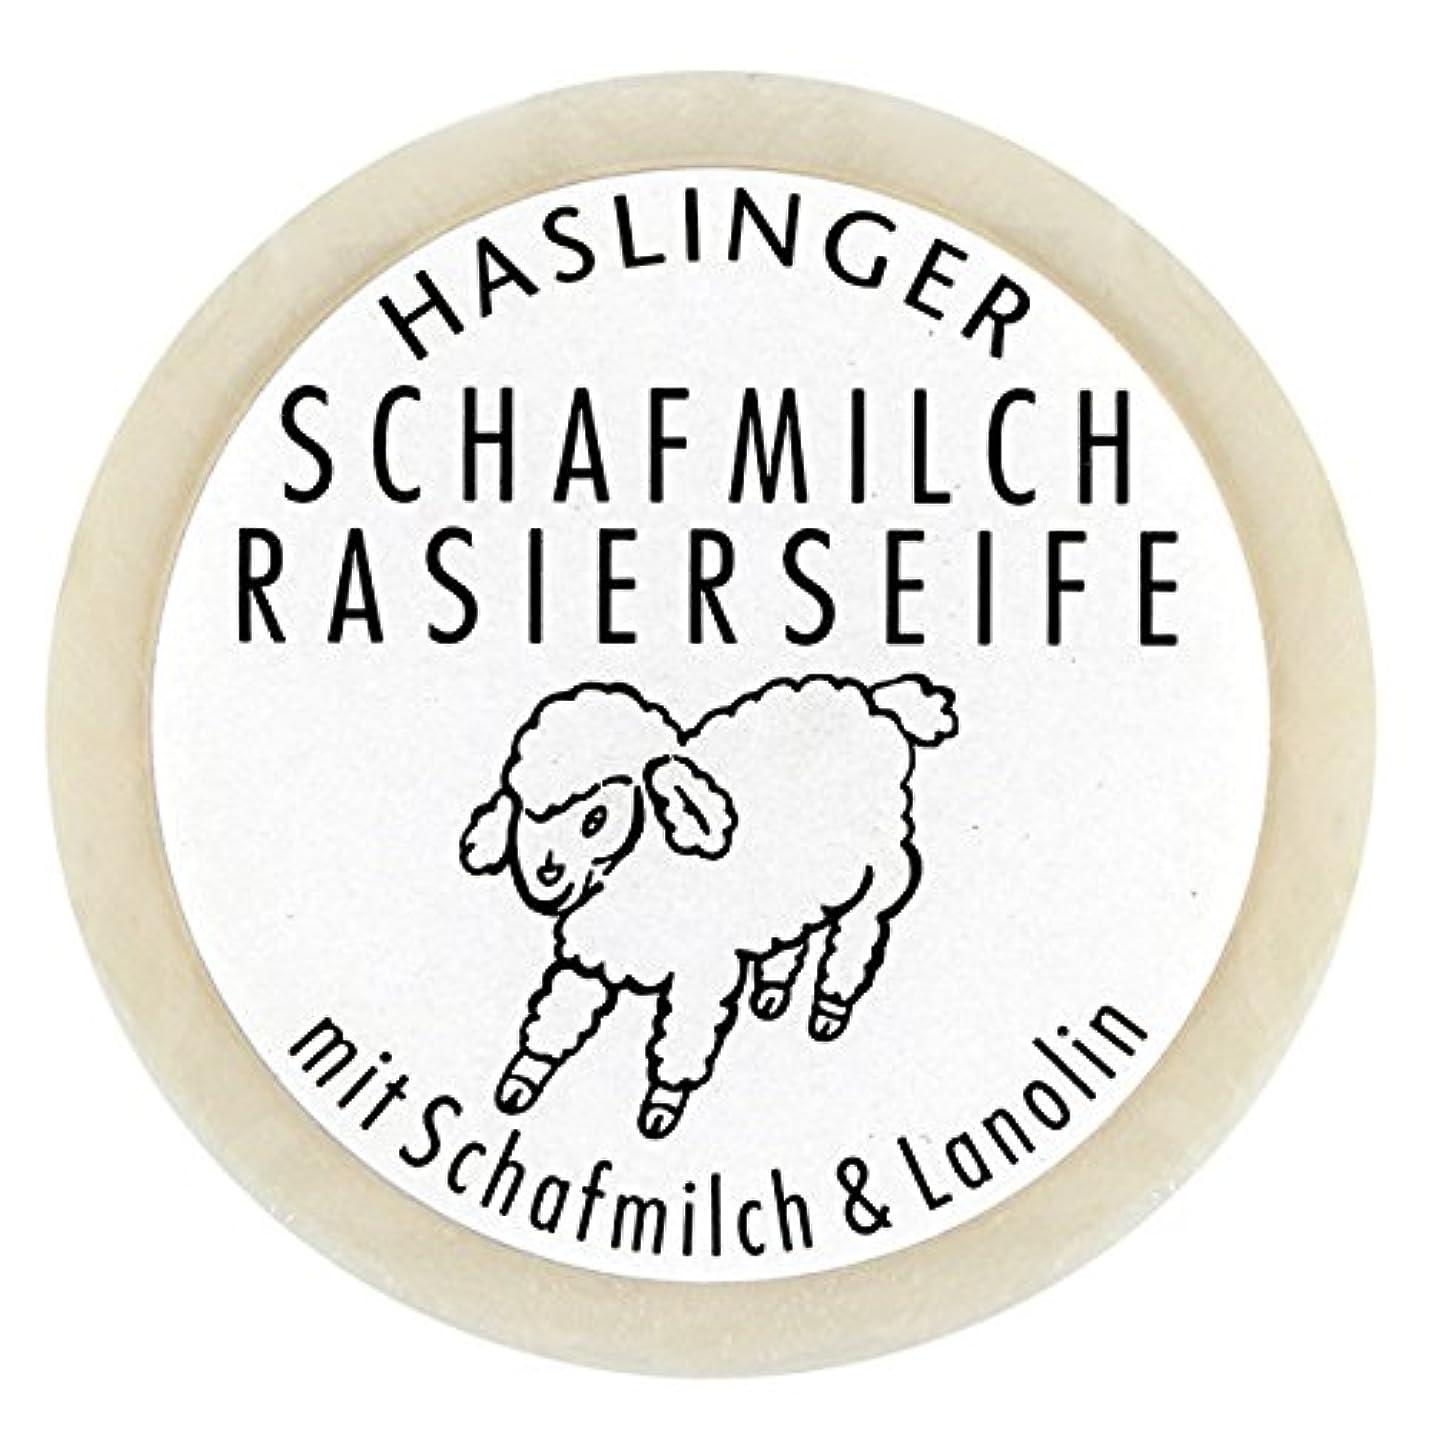 治療上院会員Schafmilch Rasierseife (Ewe`s Milk Shave Soap) 60g soap bar by Haslinger by Haslinger